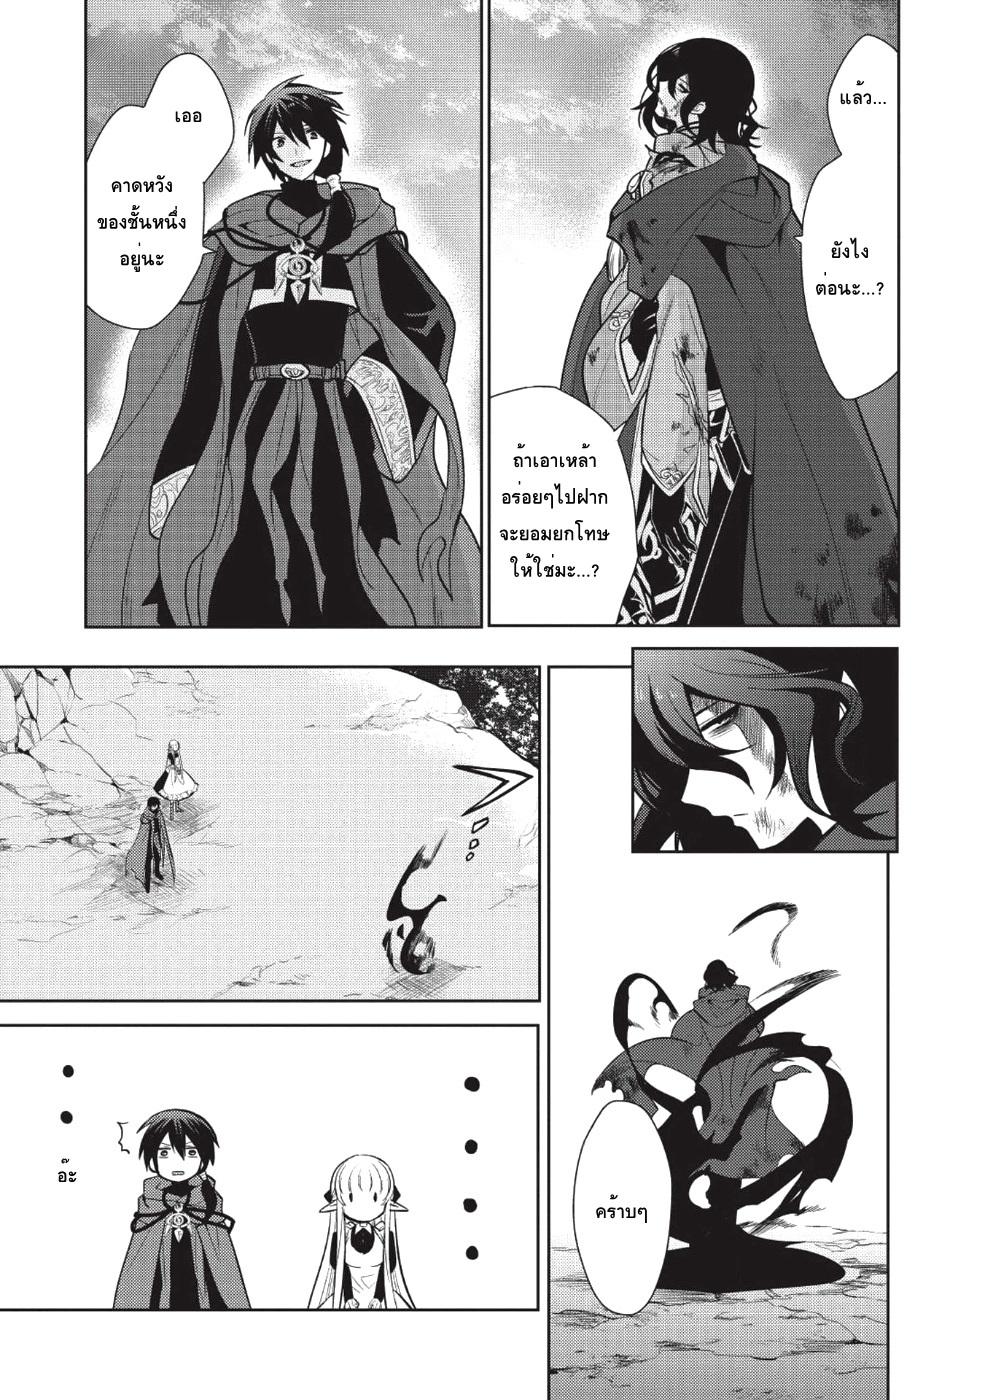 อ่านการ์ตูน Maou no Ore ga Dorei Elf wo Yome ni Shitanda ga Dou Medereba Ii ตอนที่ 13 หน้าที่ 12